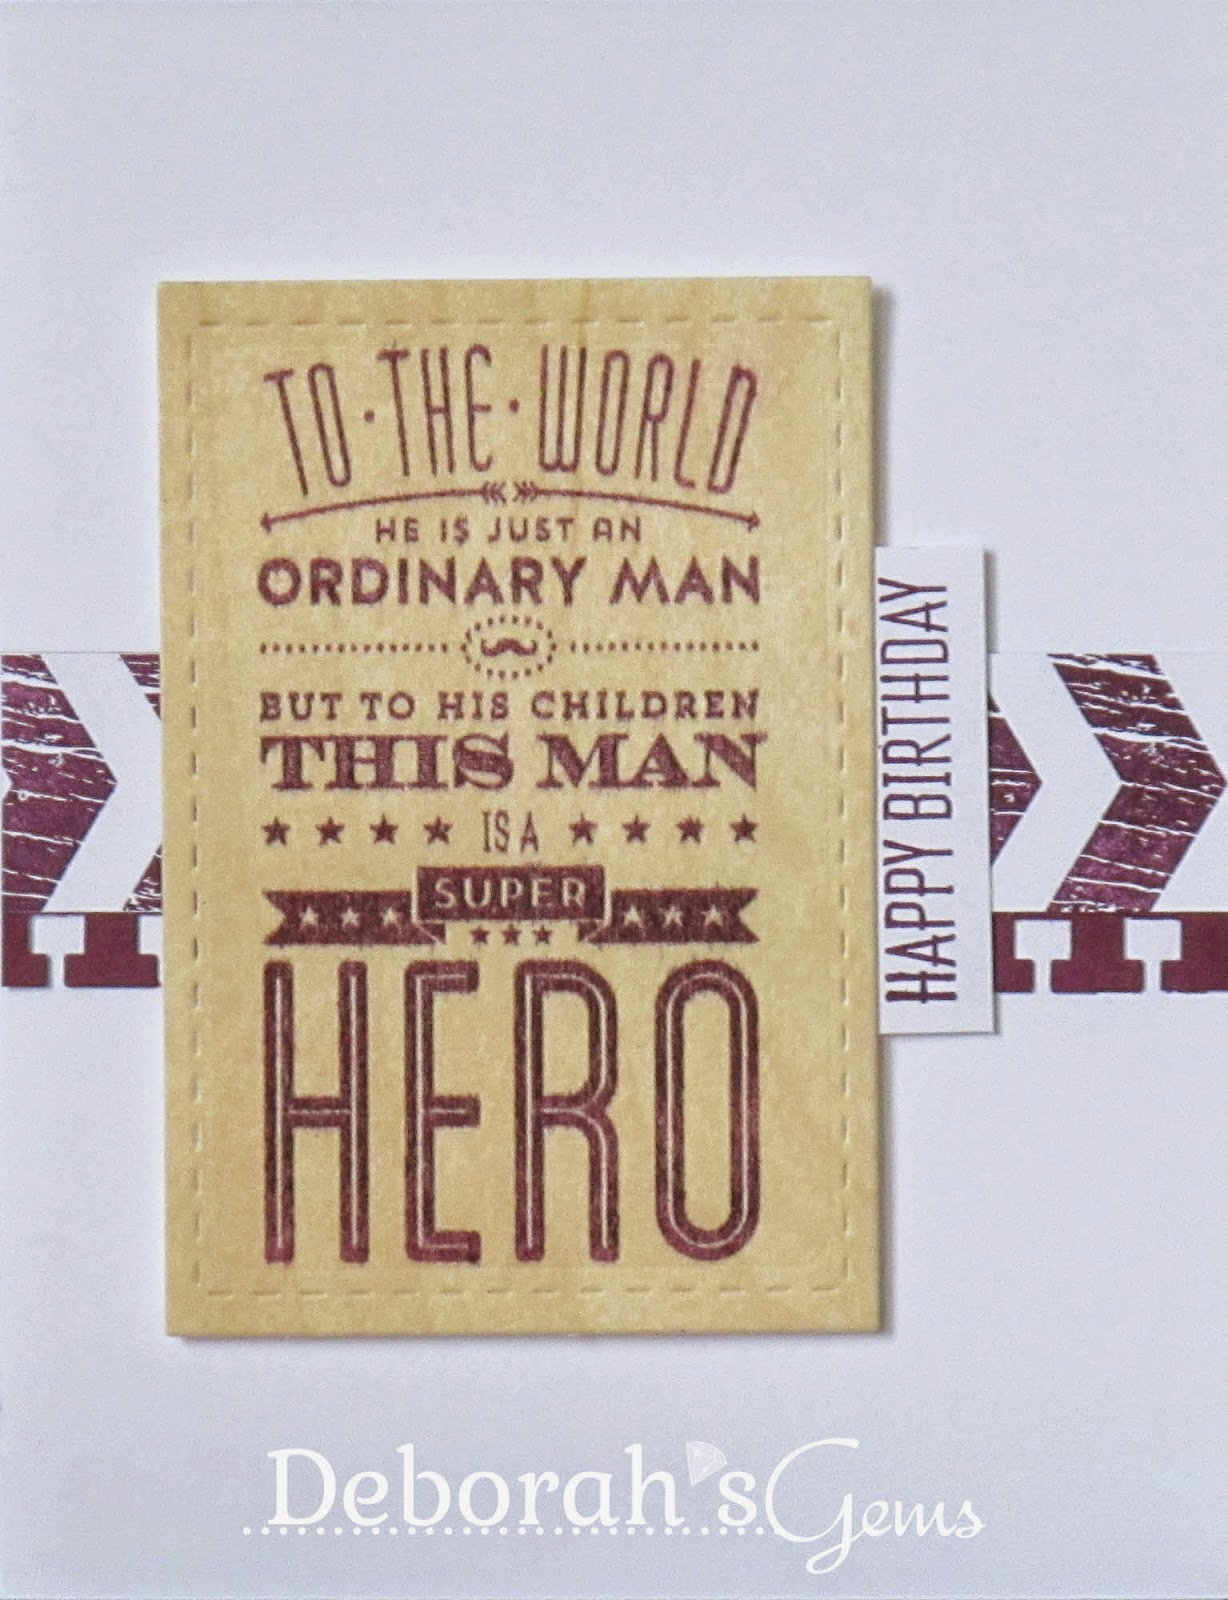 Super Hero - photo by Deborah Frings - Deborah's Gems